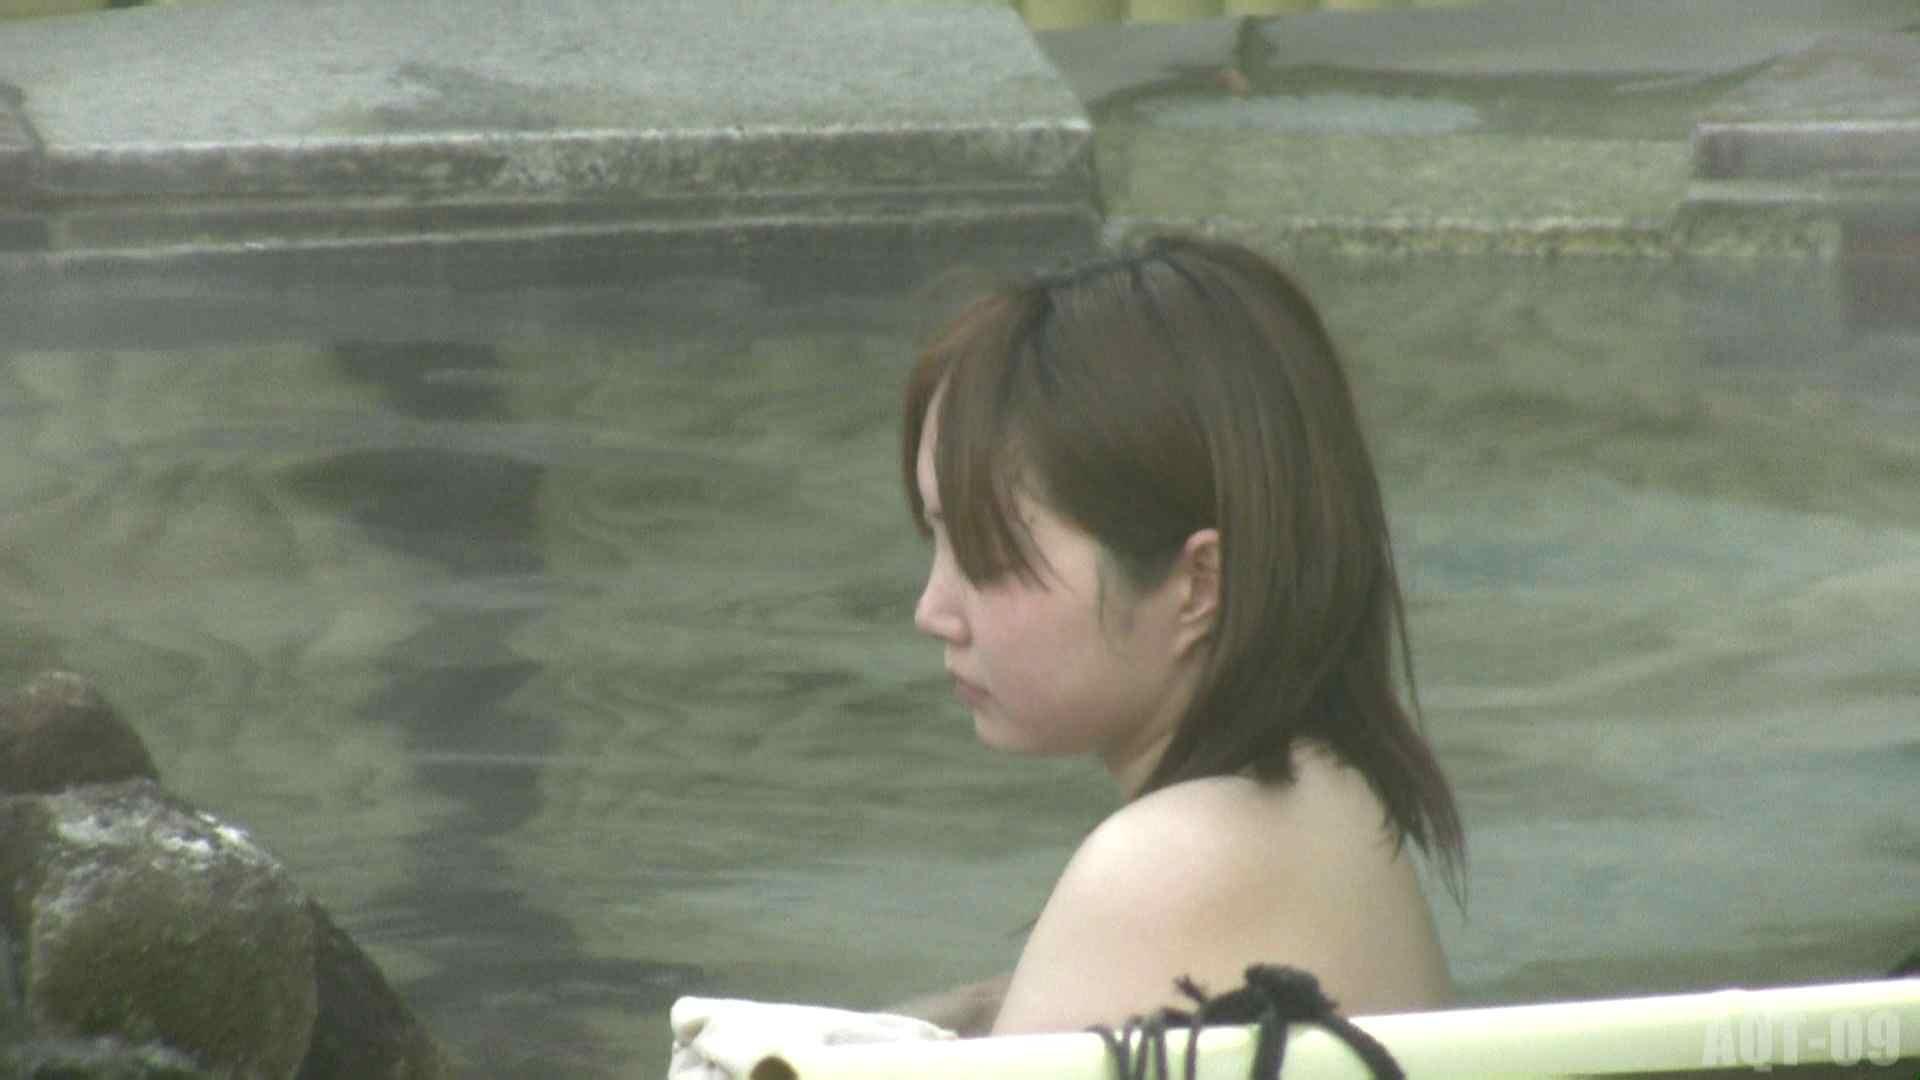 Aquaな露天風呂Vol.781 盗撮  110画像 36